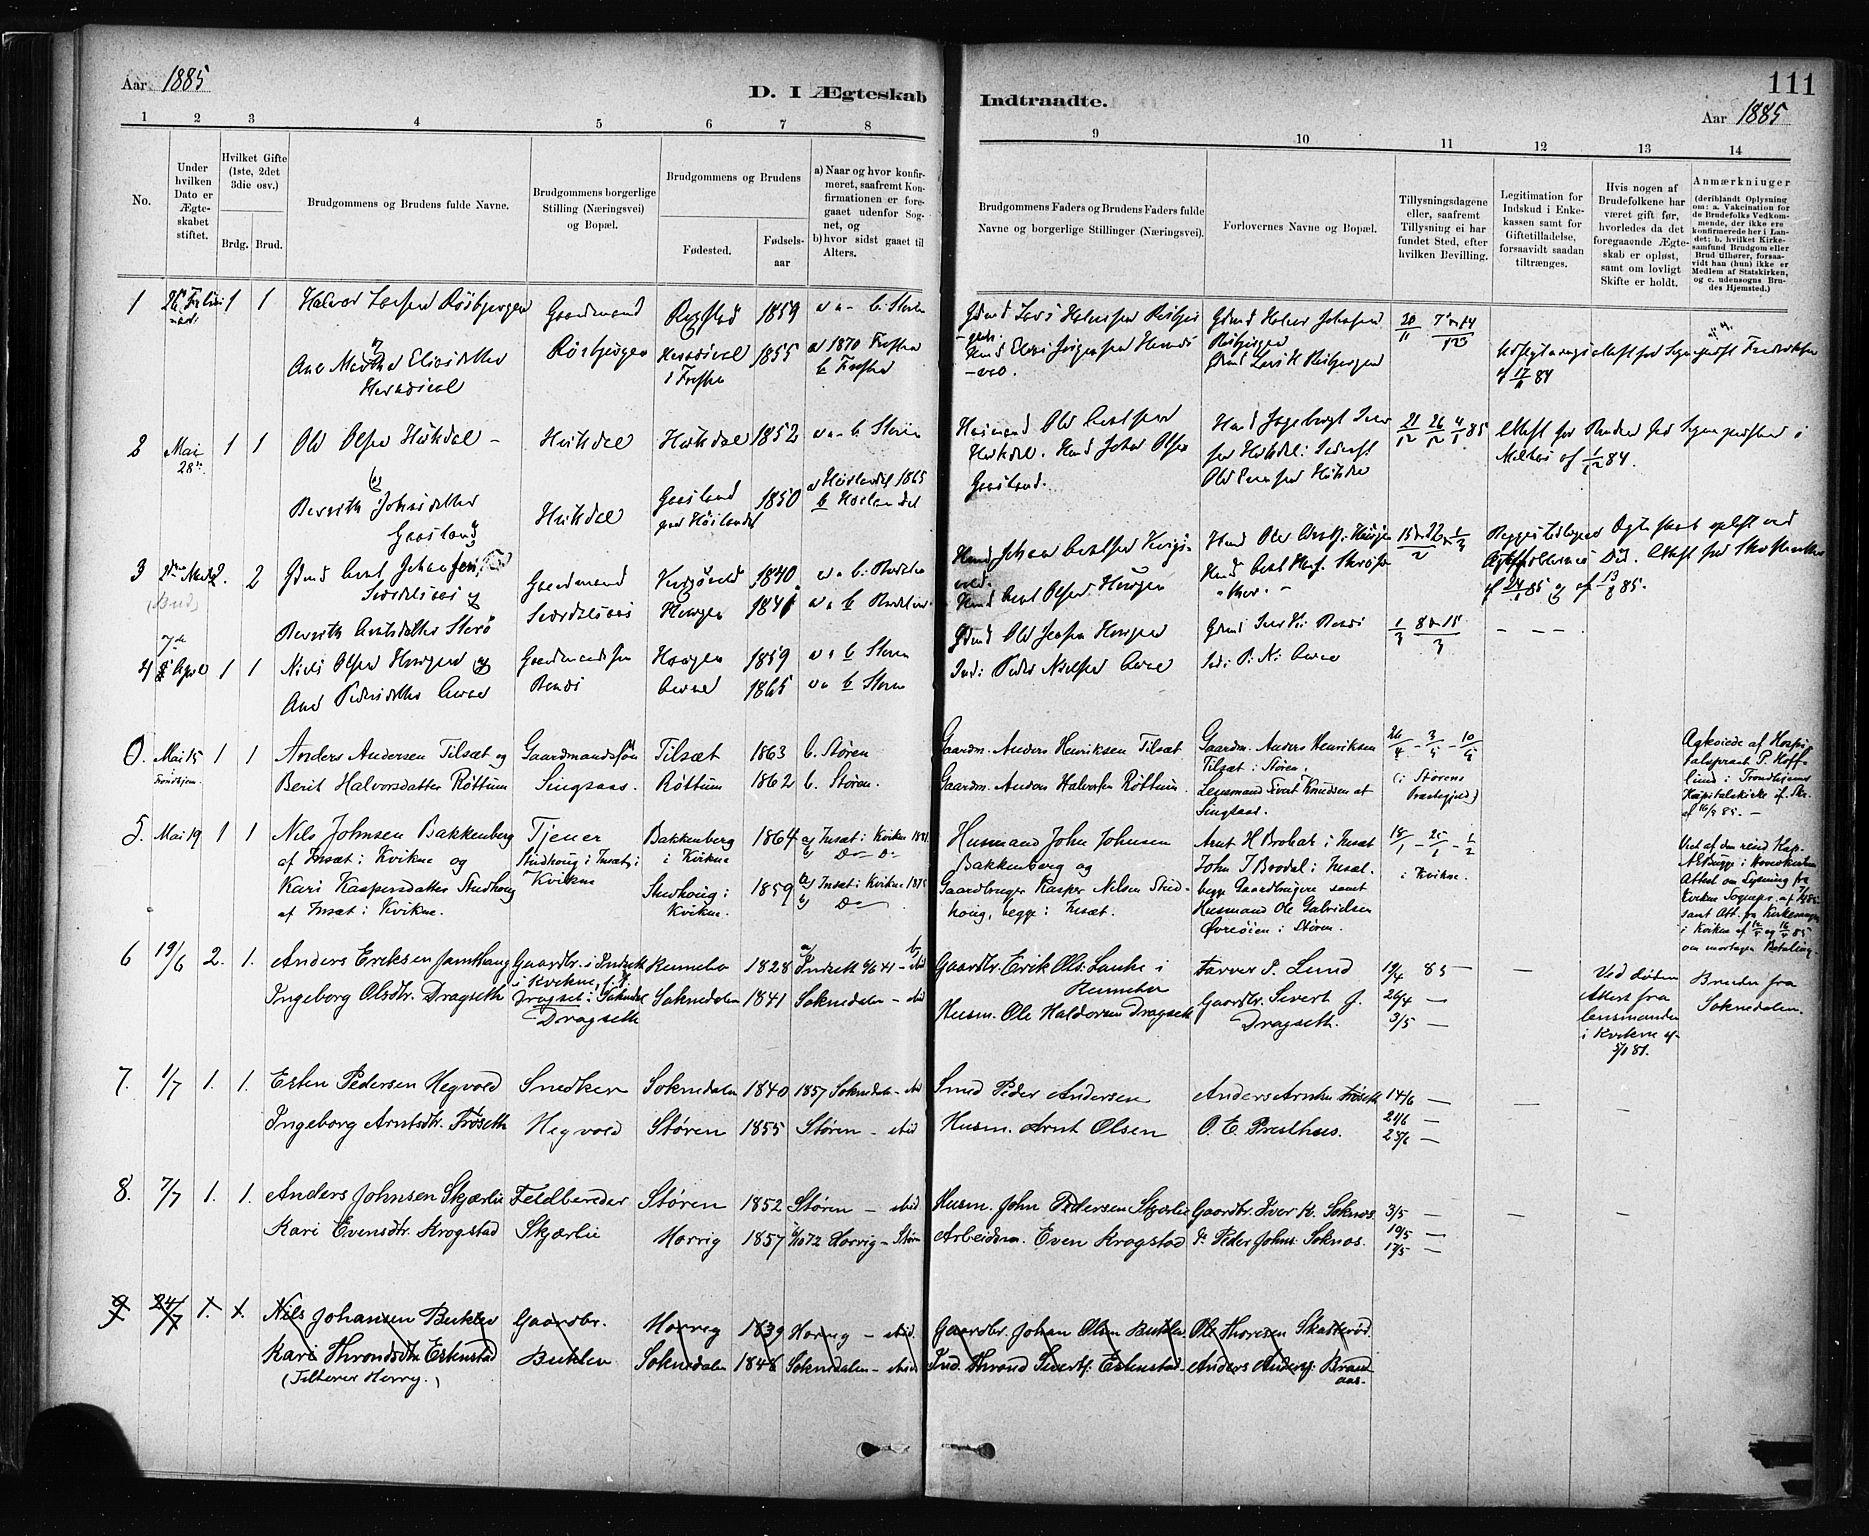 SAT, Ministerialprotokoller, klokkerbøker og fødselsregistre - Sør-Trøndelag, 687/L1002: Ministerialbok nr. 687A08, 1878-1890, s. 111